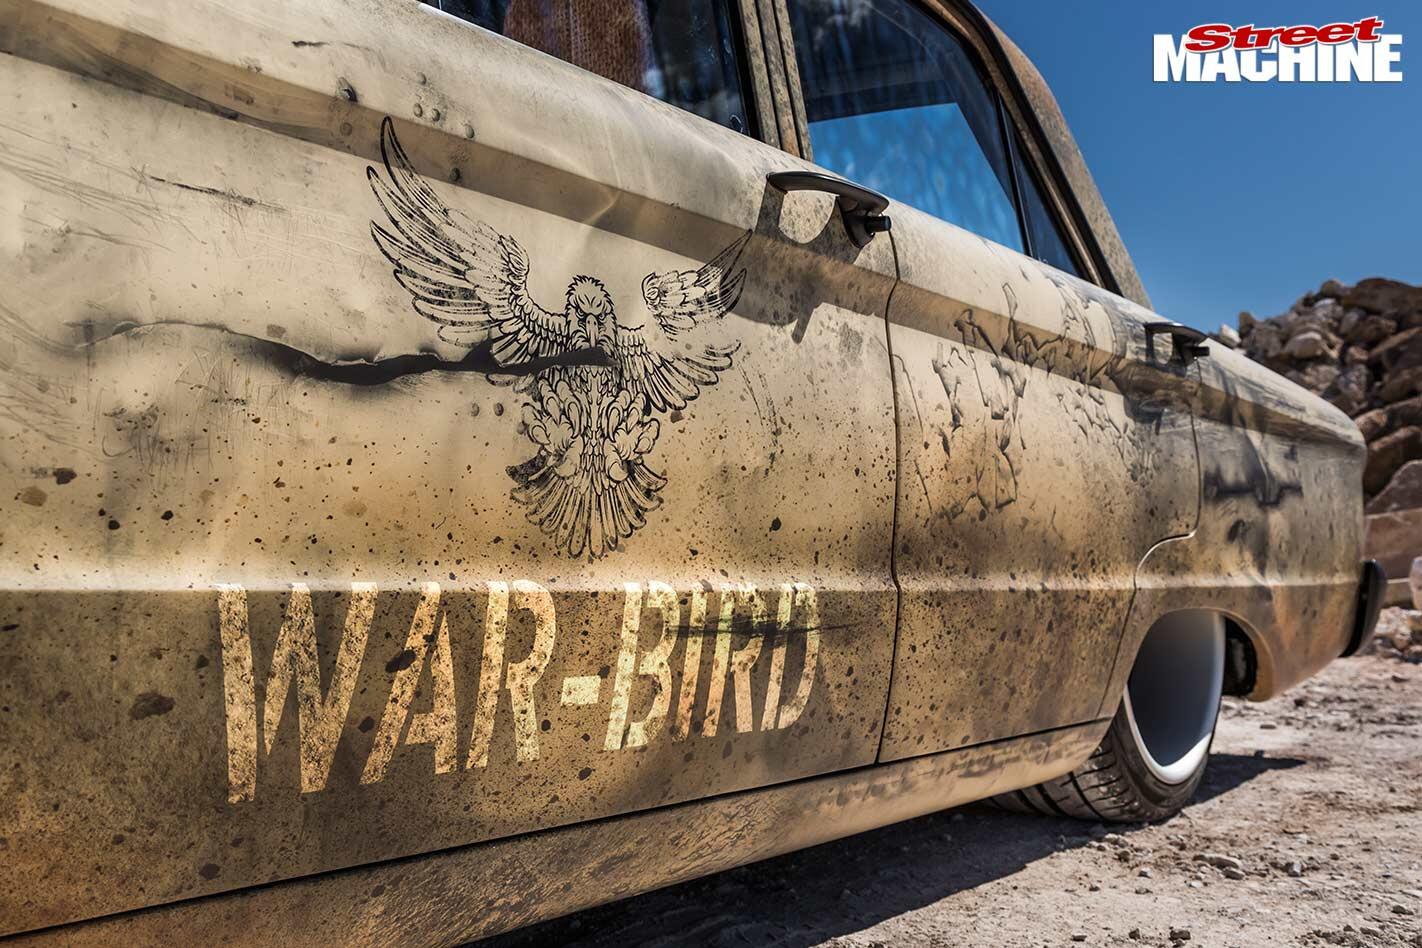 Ford Falcon XP war bird